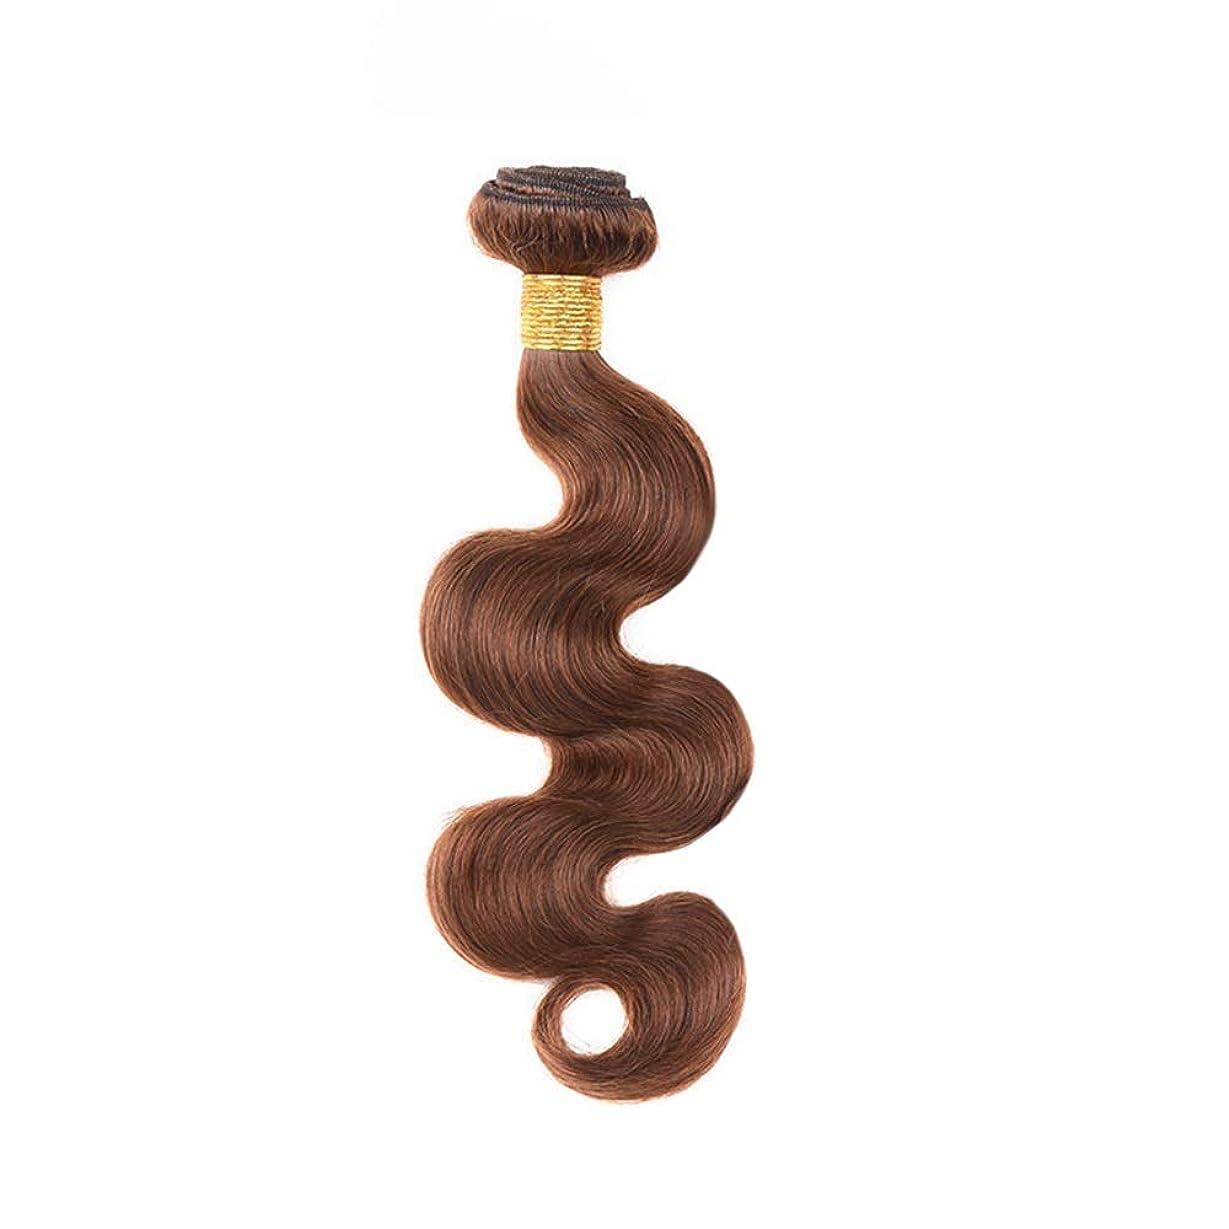 公演差別的杖YESONEEP 茶色の人間の髪織りバンドルリアルレミーナチュラルヘアエクステンション横糸 - 実体波 - 4#ブラウン(1バンドル、10インチ-24インチ、100g)合成髪レースかつらロールプレイングウィッグロング&ショート女性自然 (色 : ブラウン, サイズ : 12 inch)